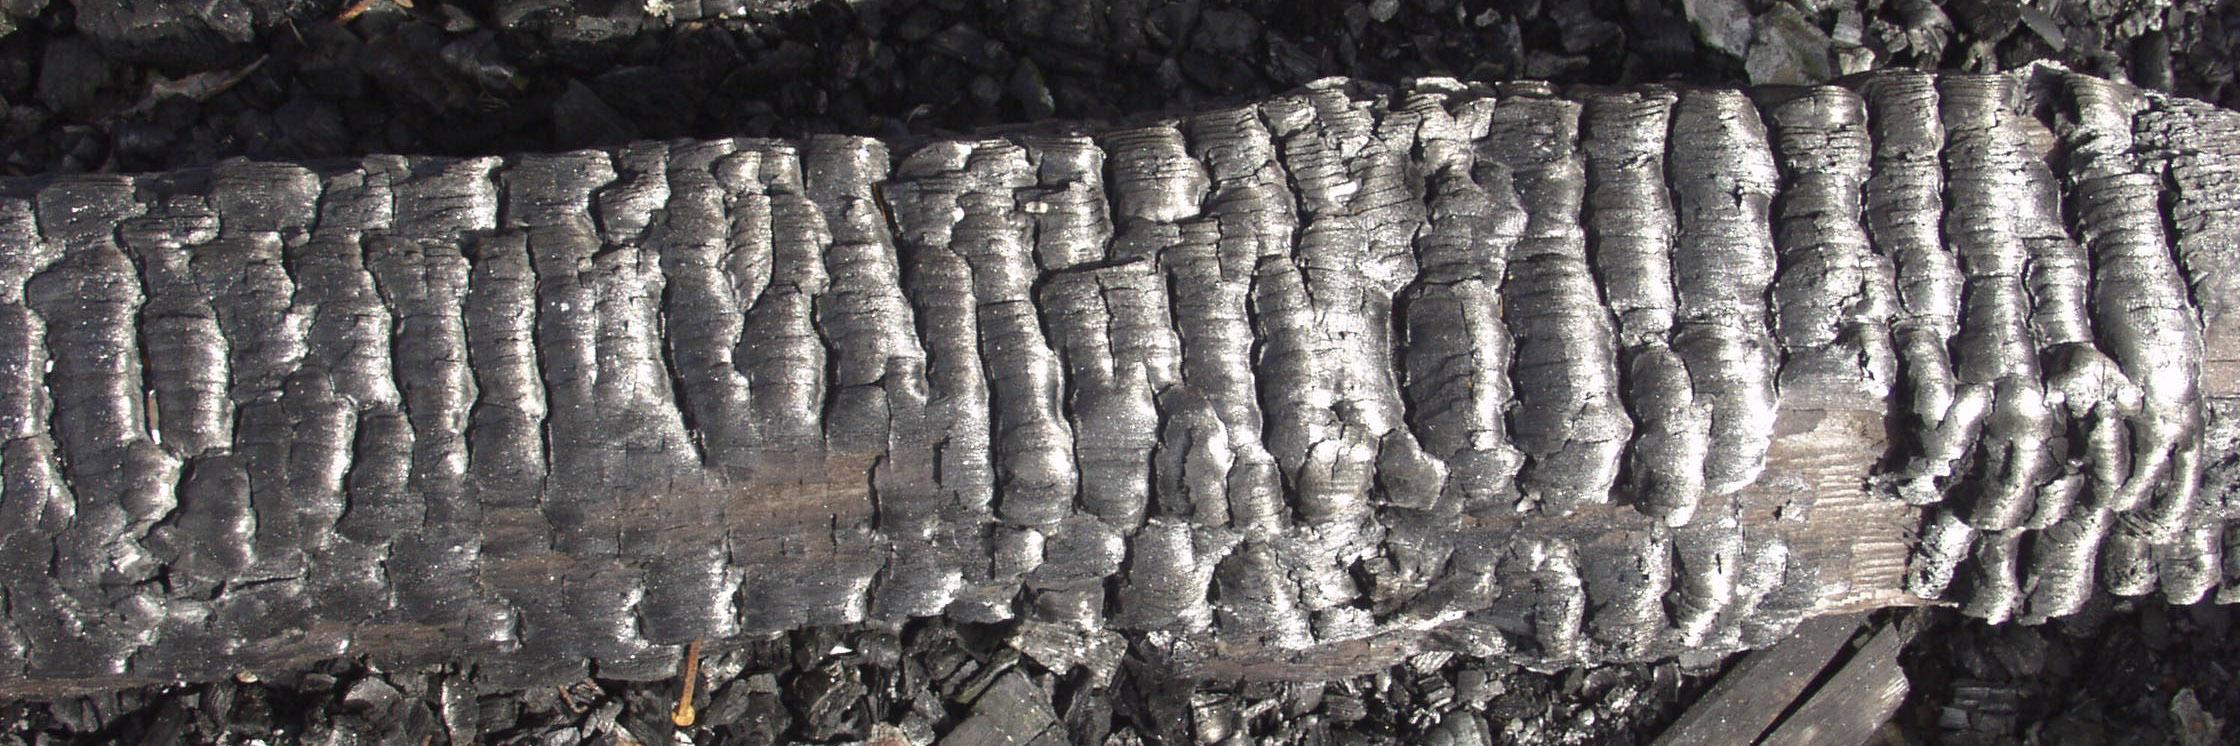 木材-燃烧过的-木梁(22)高清贴图【ID:836898202】